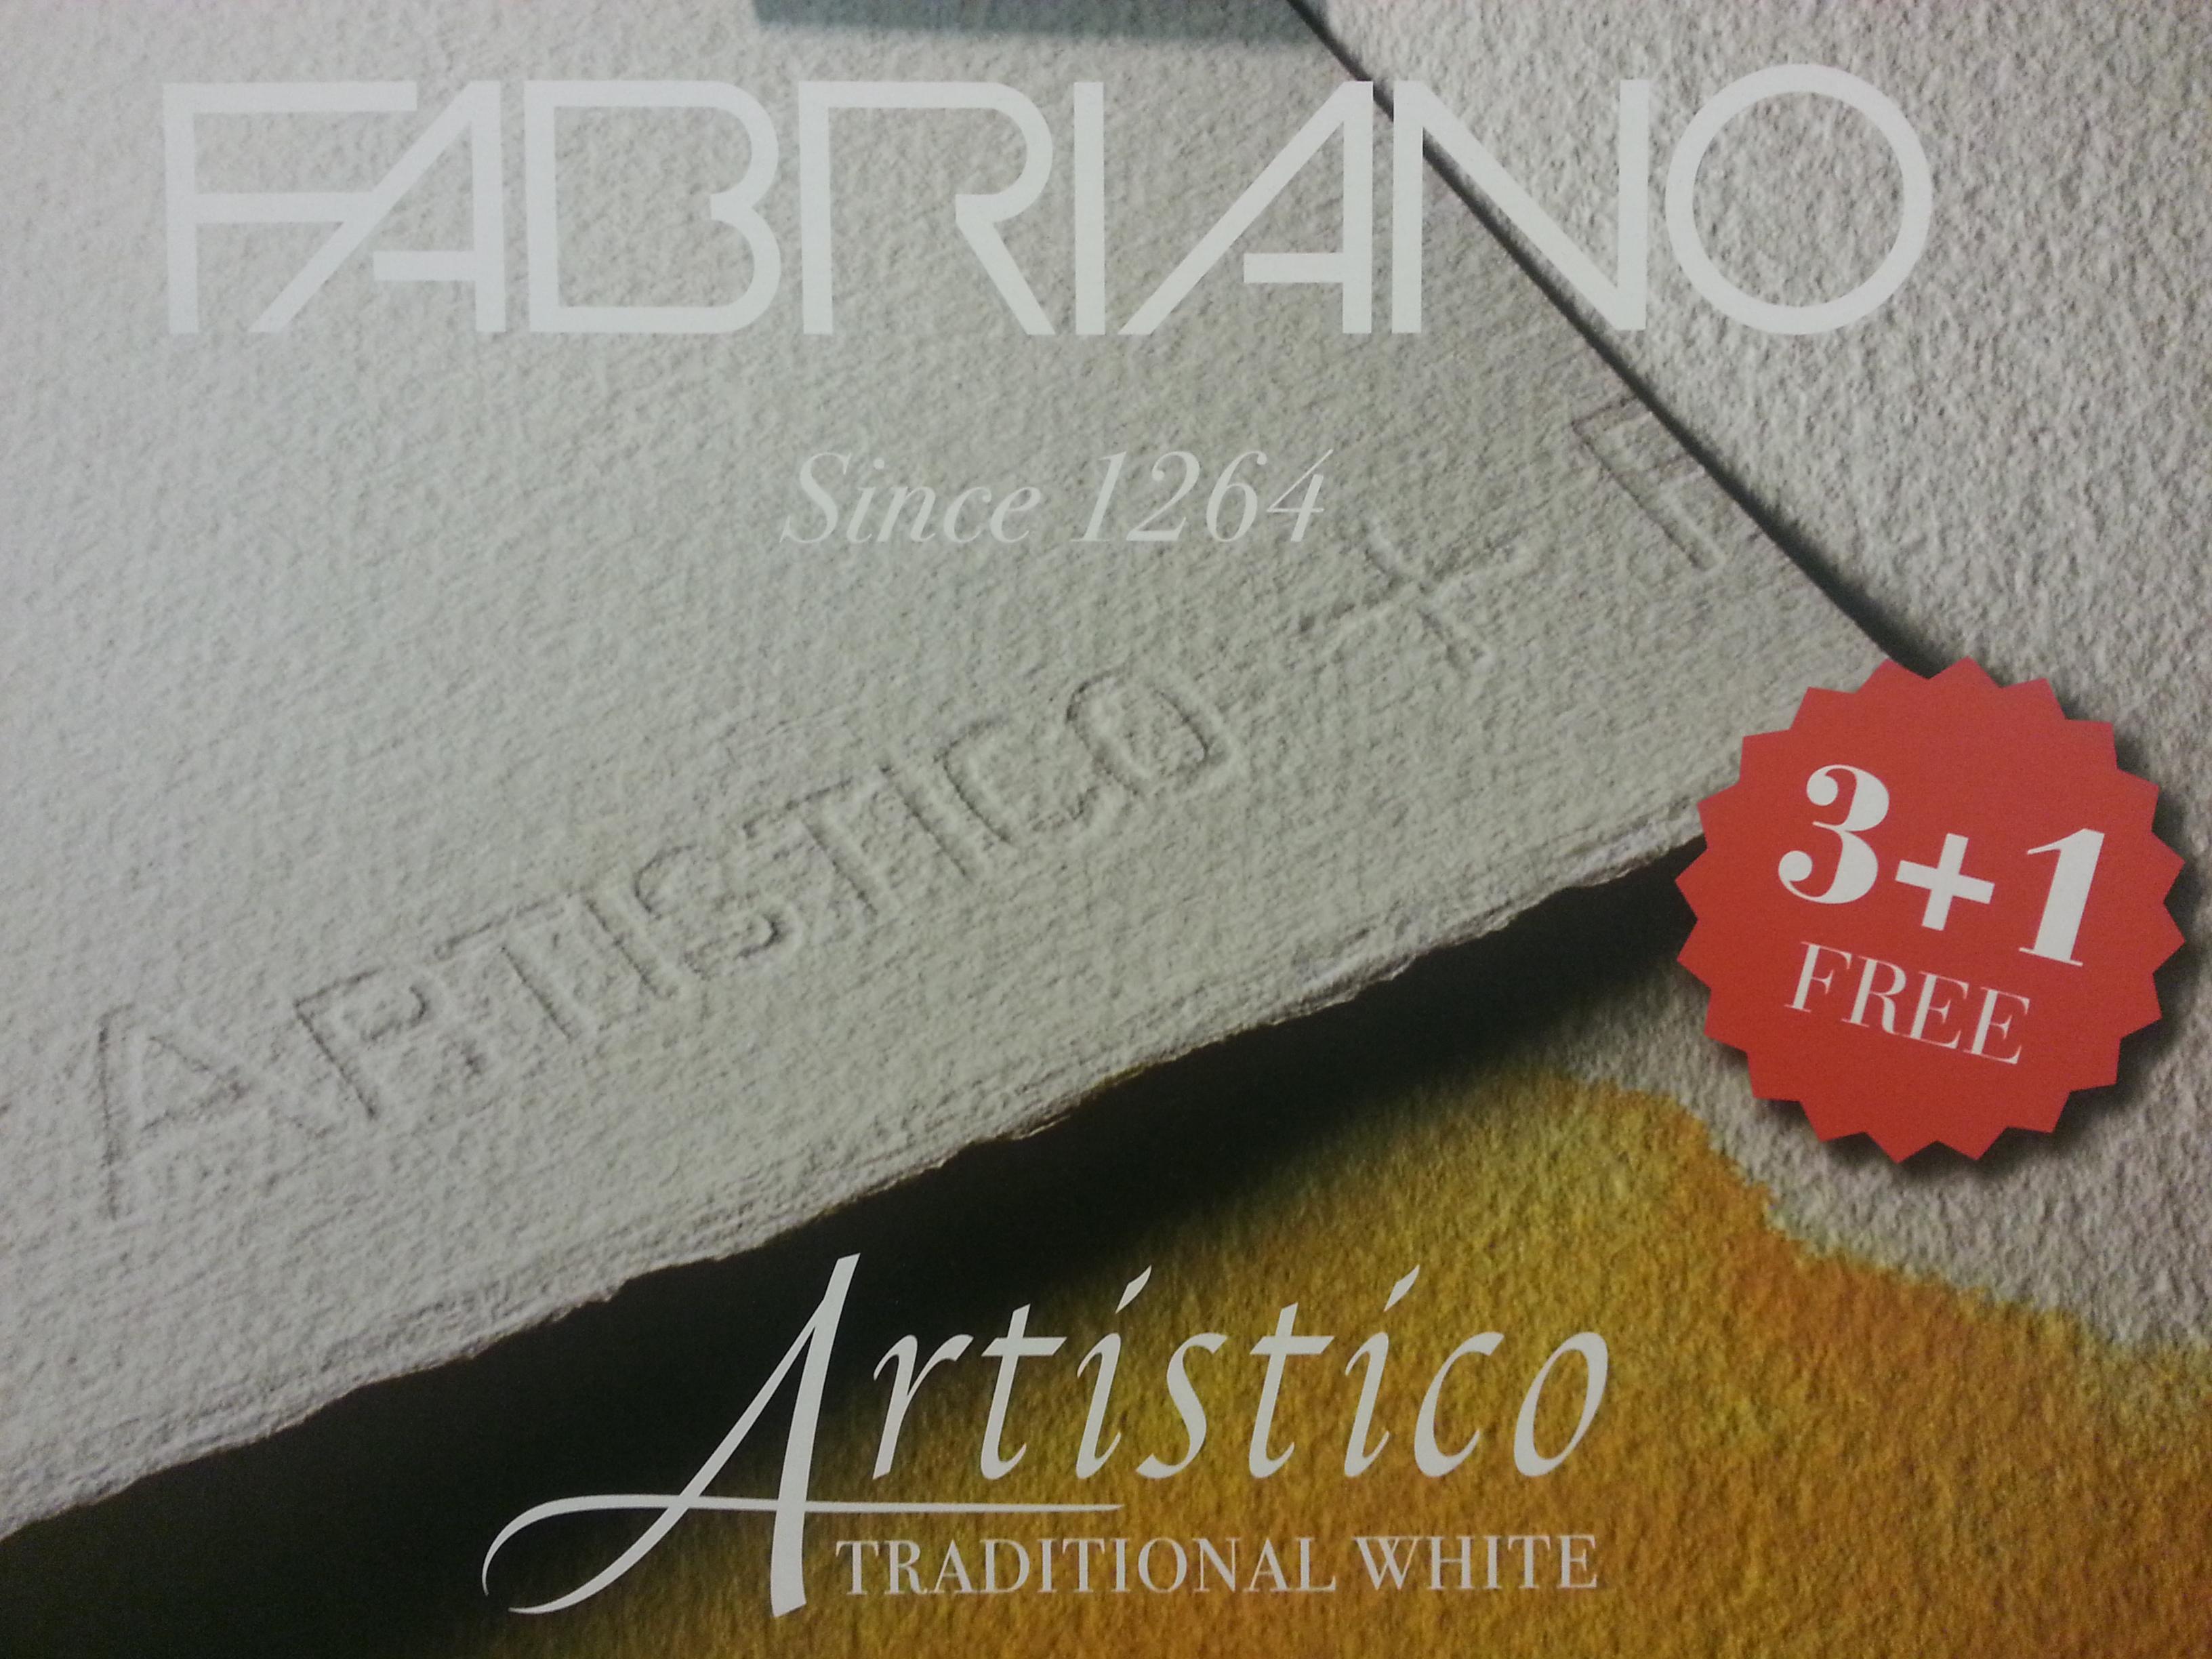 ***ชุด 3แผ่นแถม1แผ่น*** กระดาษสีน้ำFabriano Artistico TraditionWhite Cotton100% 56x76cm 300g กึ่งหยาบ (Fabriano Artistico TraditionWhite Watercolor Paper Coldpress 3+1Free)